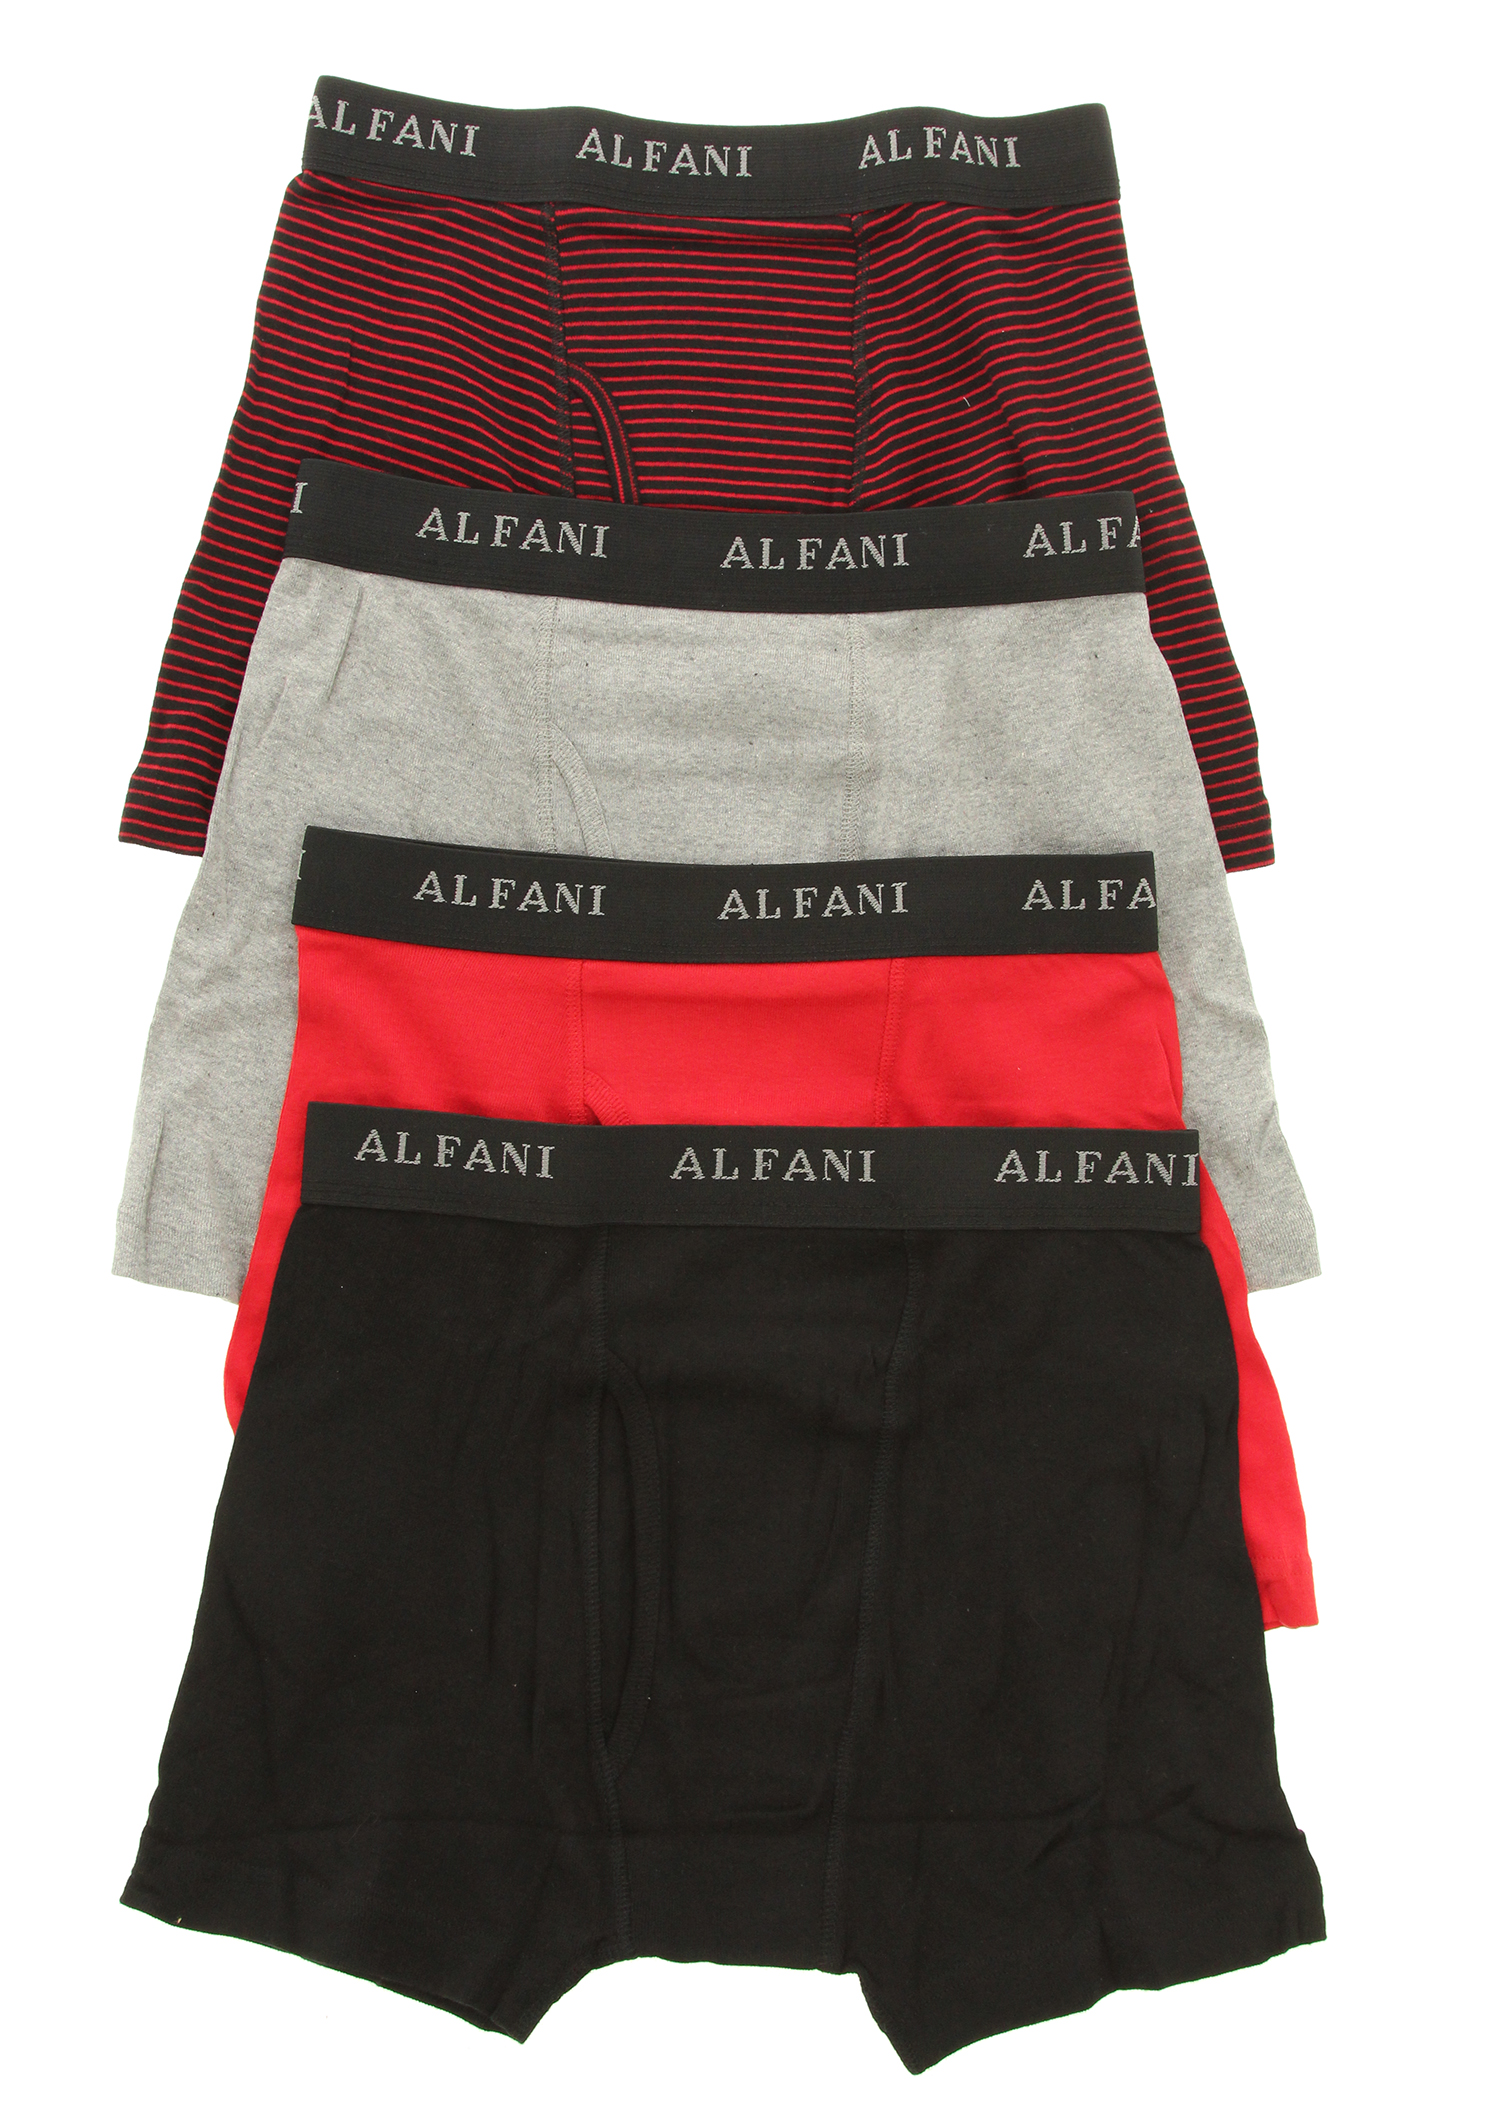 Alfani boxer briefs